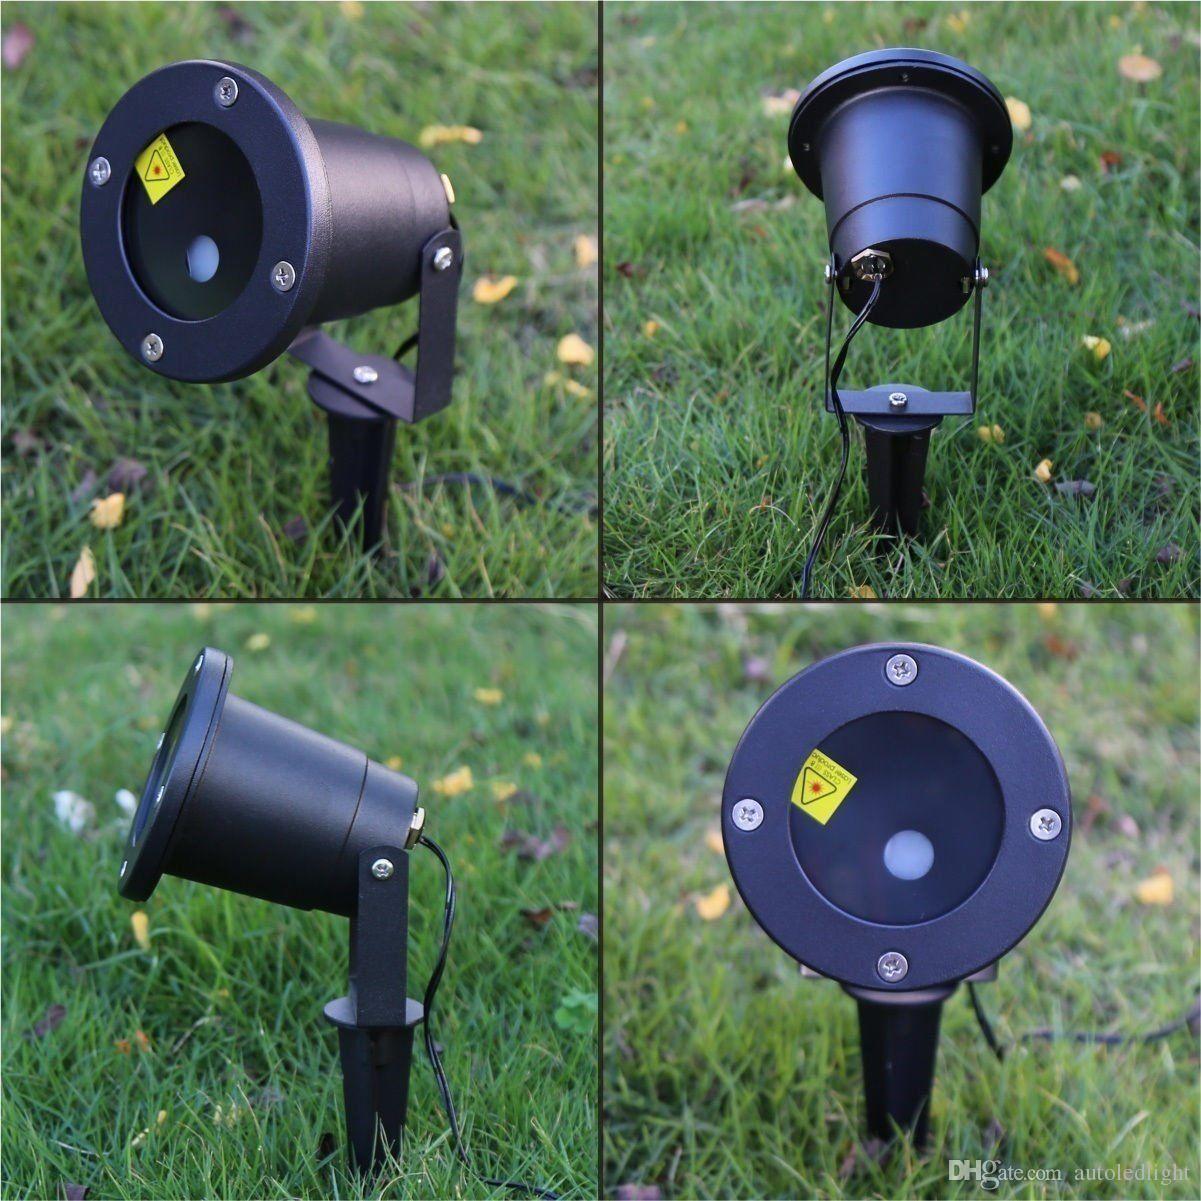 야외 LED 눈송이 풍경 레이저 프로젝터 램프 크리스마스 가든 스카이 스타 레이저 프로젝터 잔디 램프 라이트